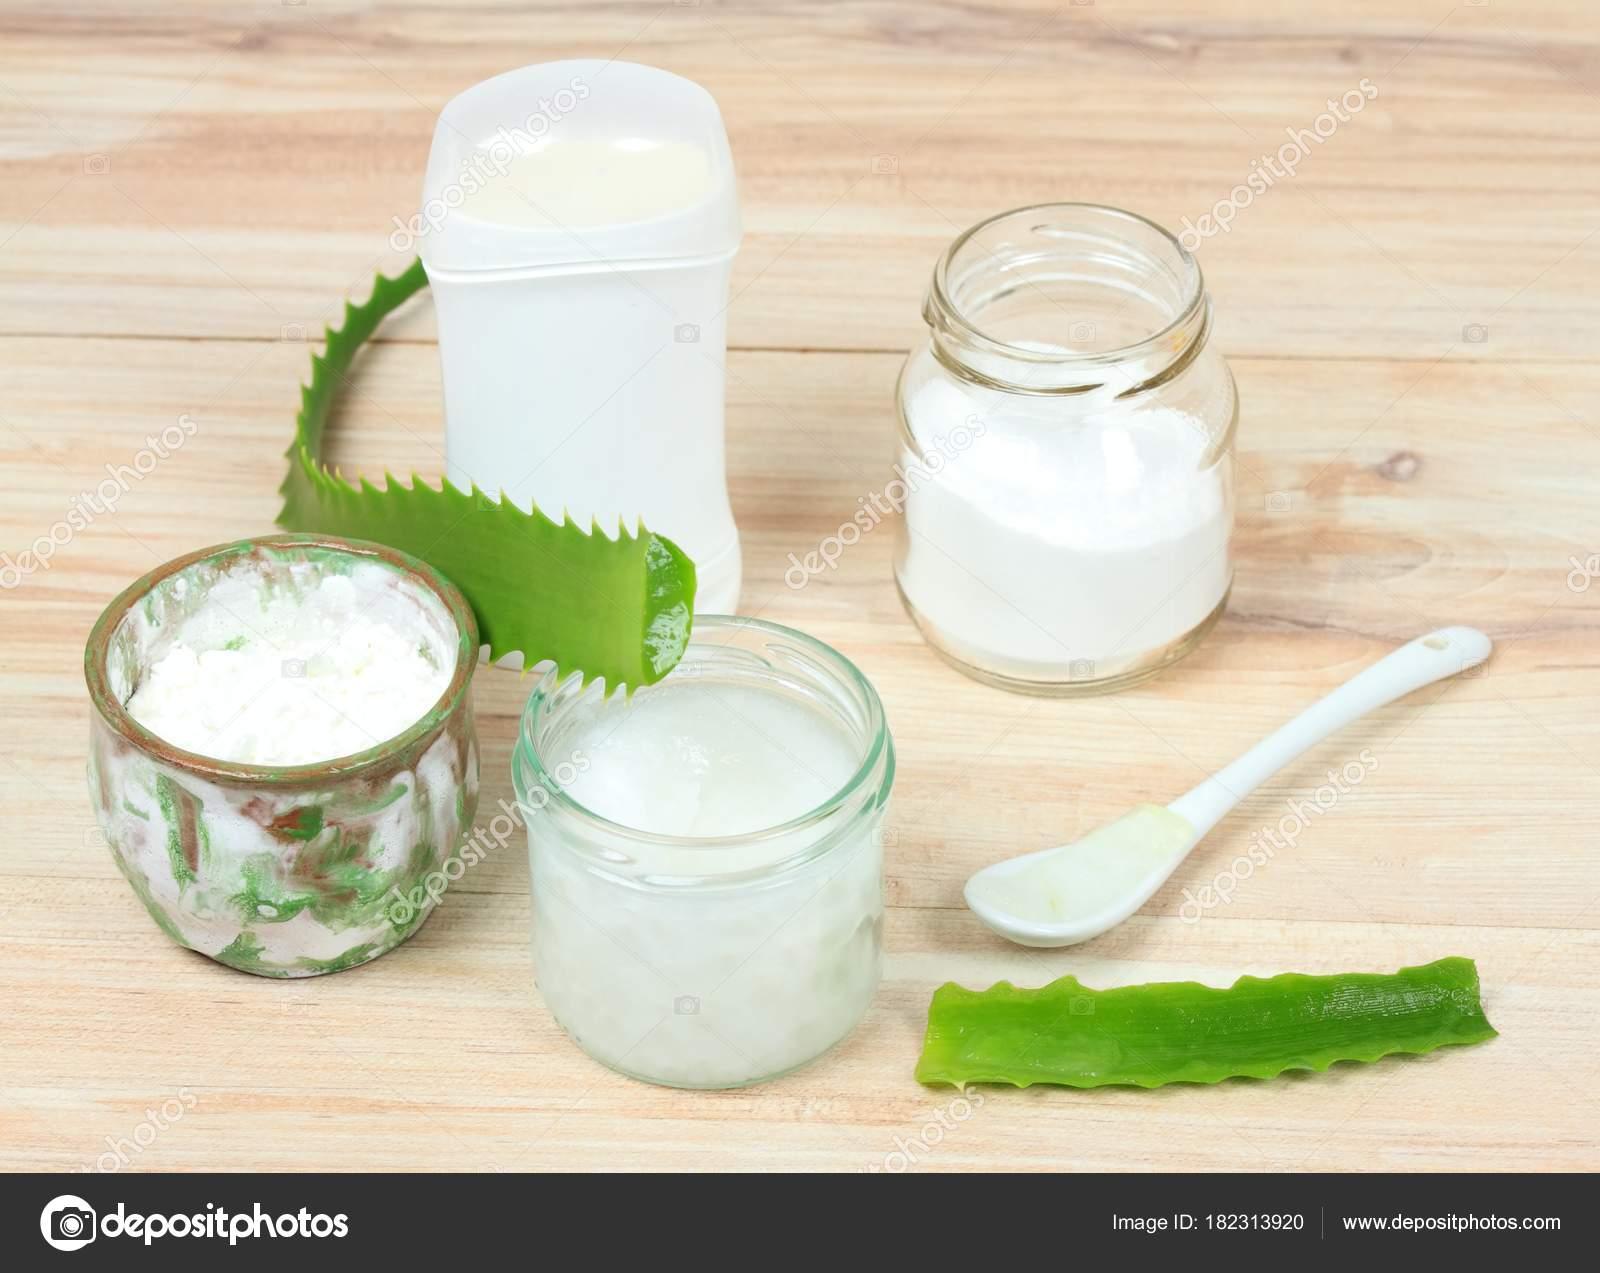 Ev yapımı deodorant nasıl yapılır